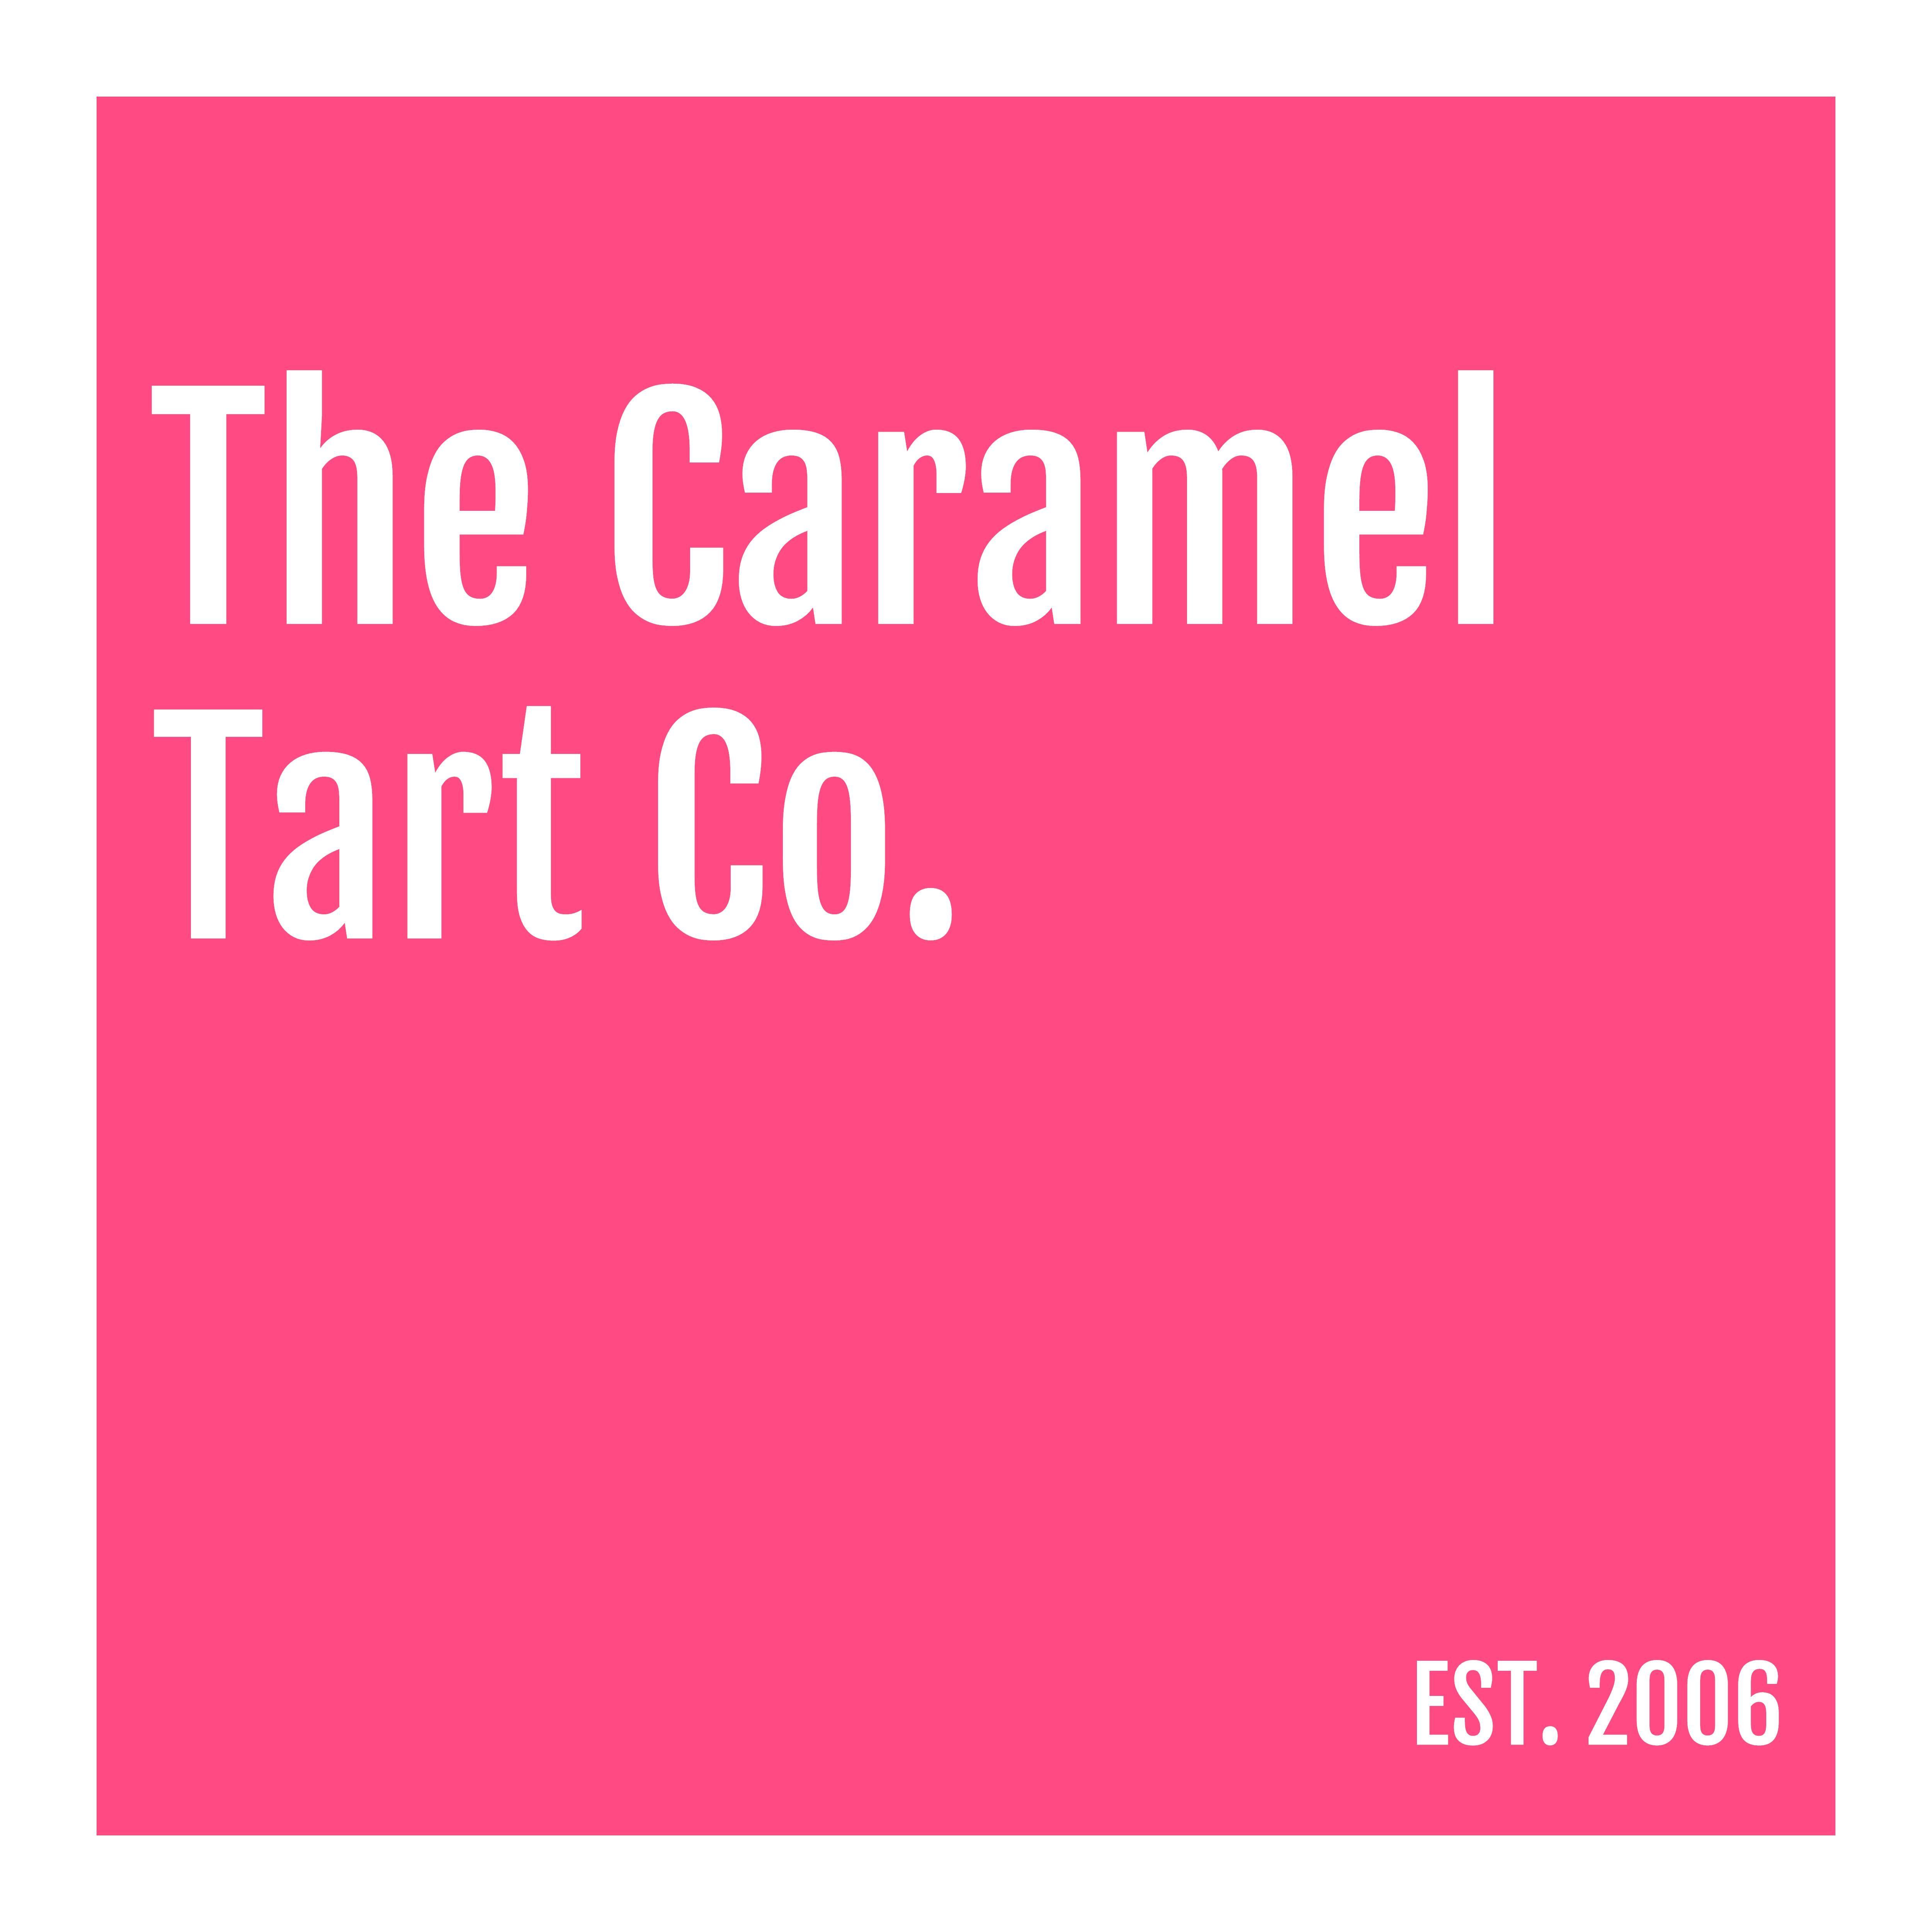 The Caramel Tart Company